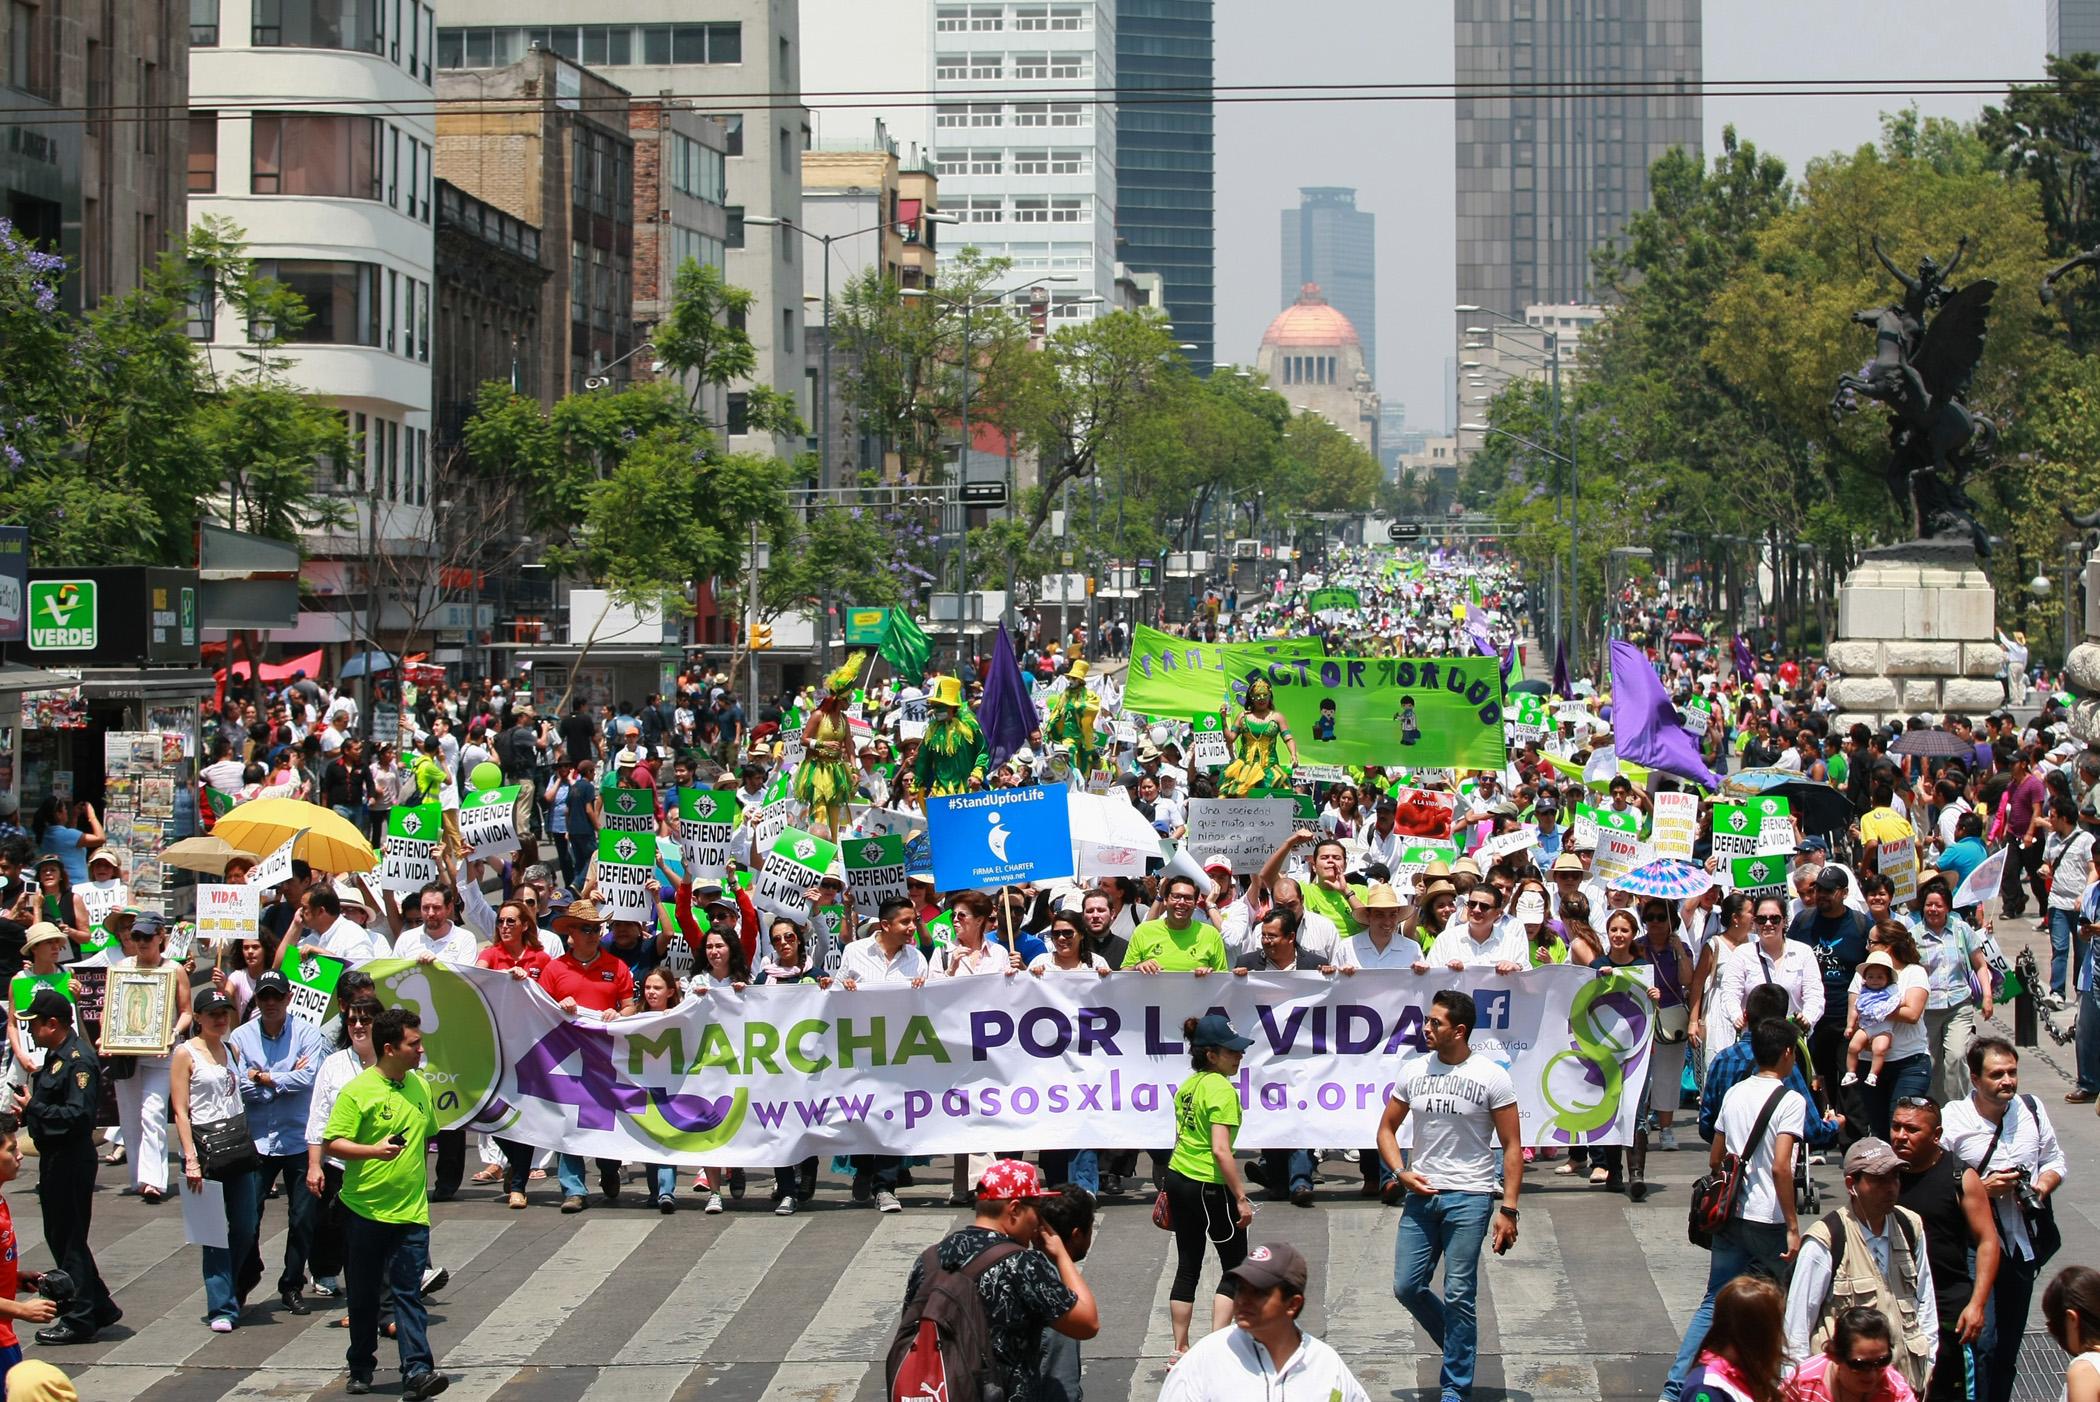 Masiva marcha de amor por la vida: más de 10 mil marchan por el fin del aborto